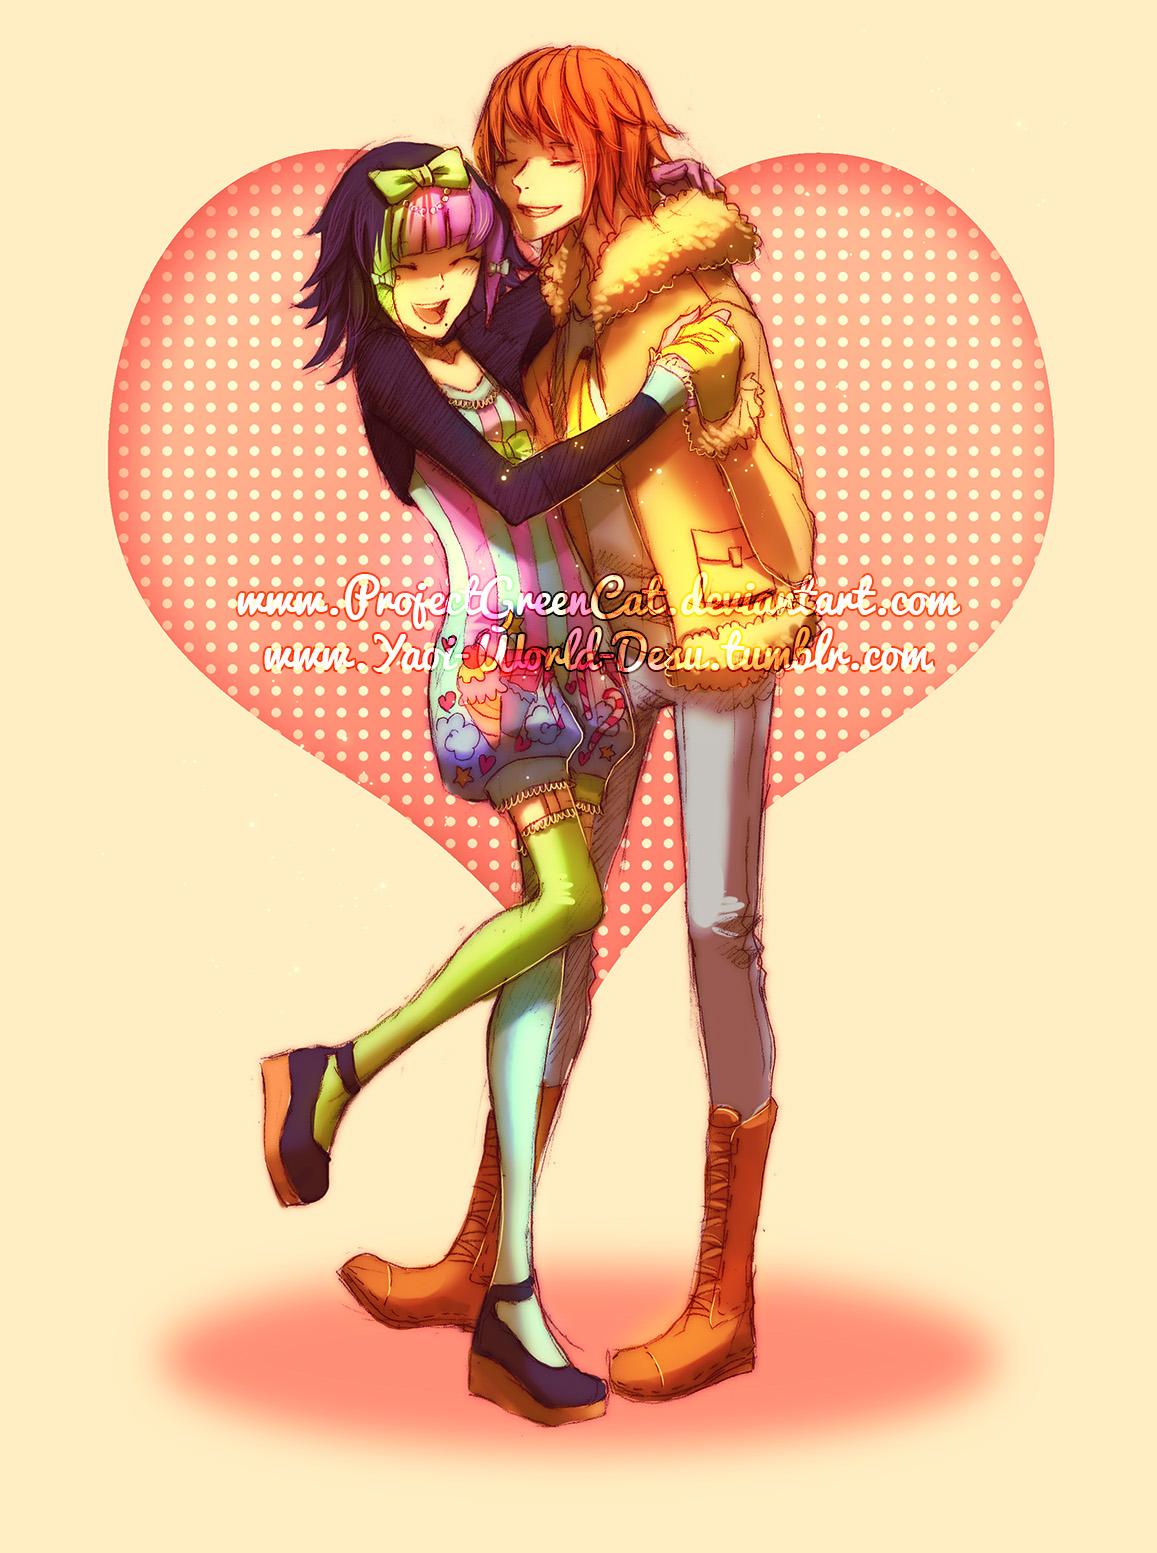 Happy Valentine's Day! by KodamaCreative